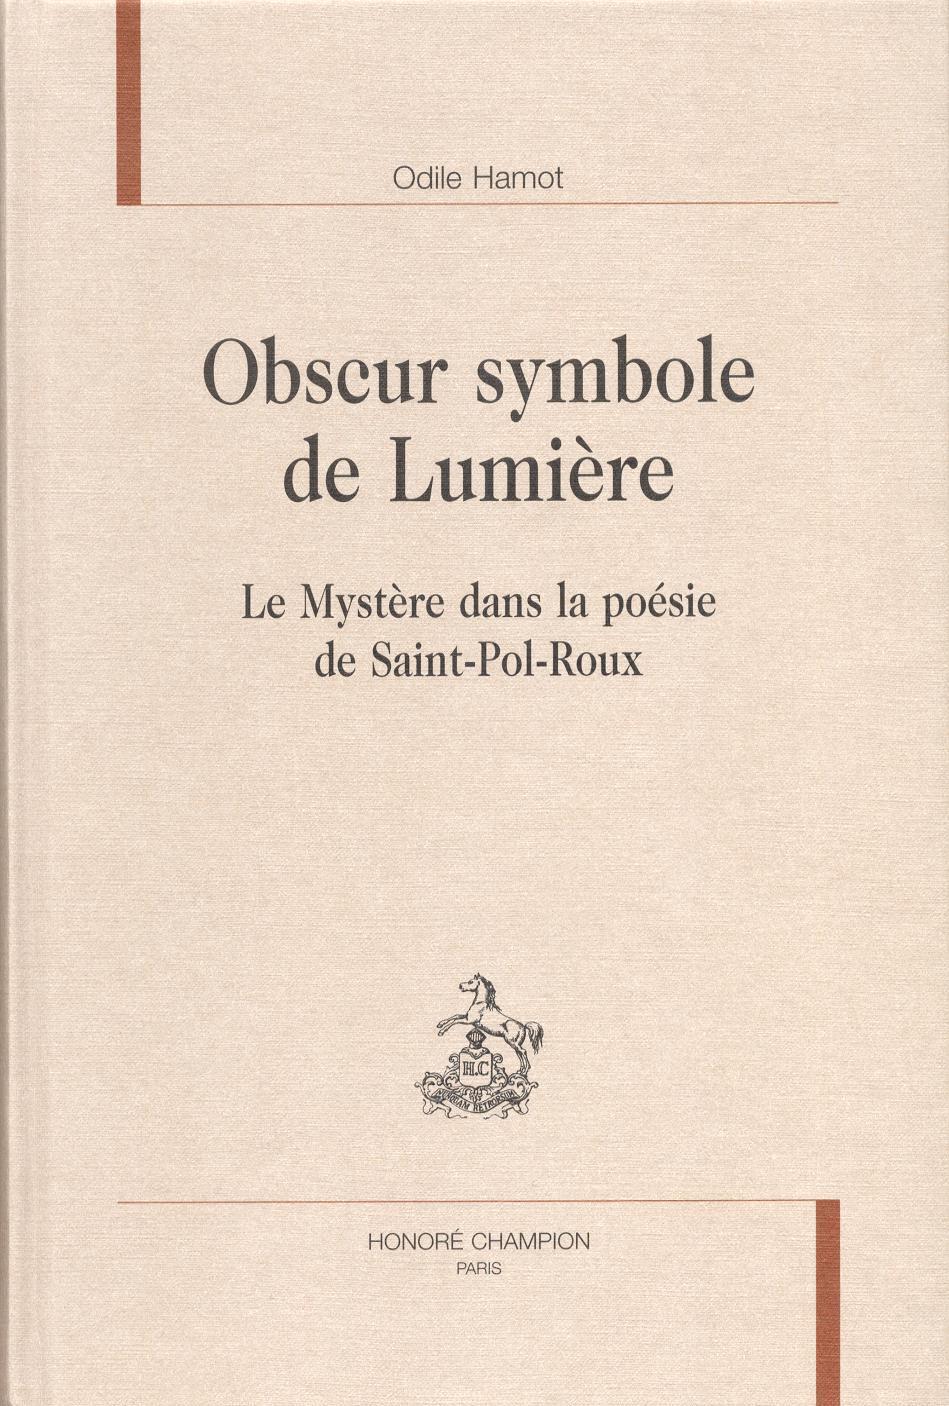 Obscur symbole de lumière. Le mystère dans la poésie de Saint-Pol-Roux - Odile Hamot